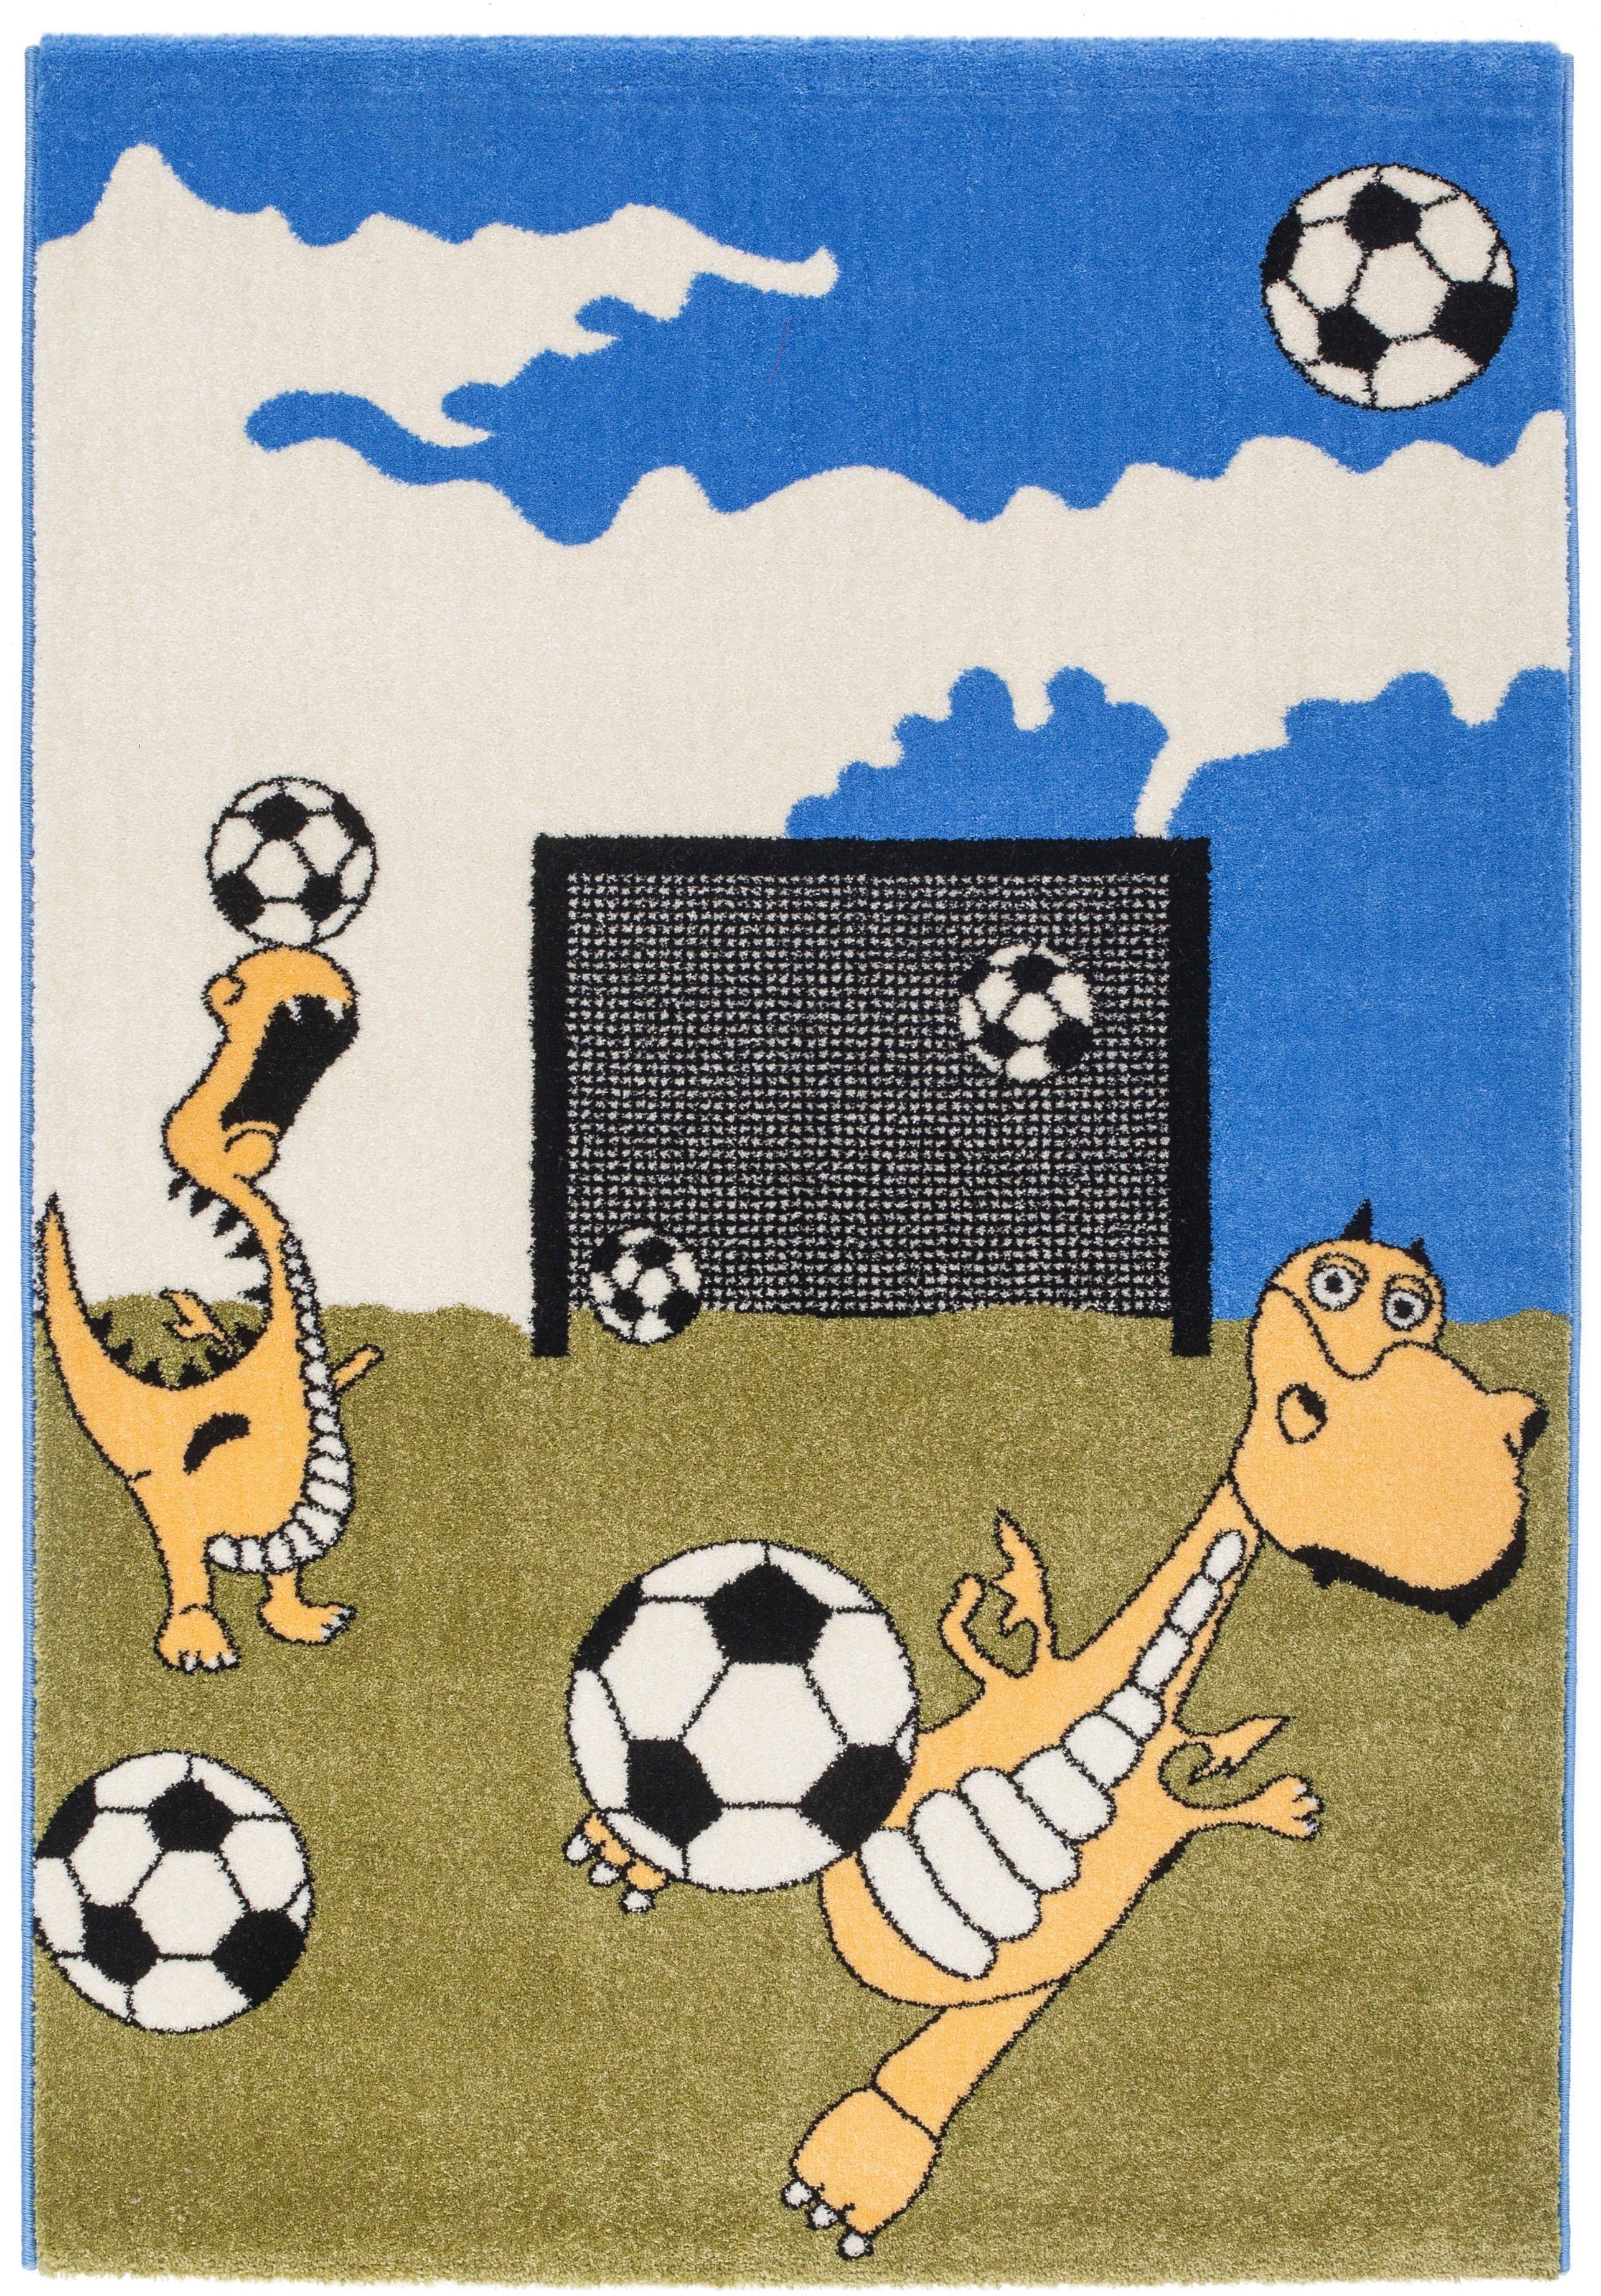 RESITAL The Voice of Carpet vloerkleed voor de kinderkamer Bambino 905 Korte pool, geweven, voetbal motief, kinderkamer goedkoop op otto.nl kopen